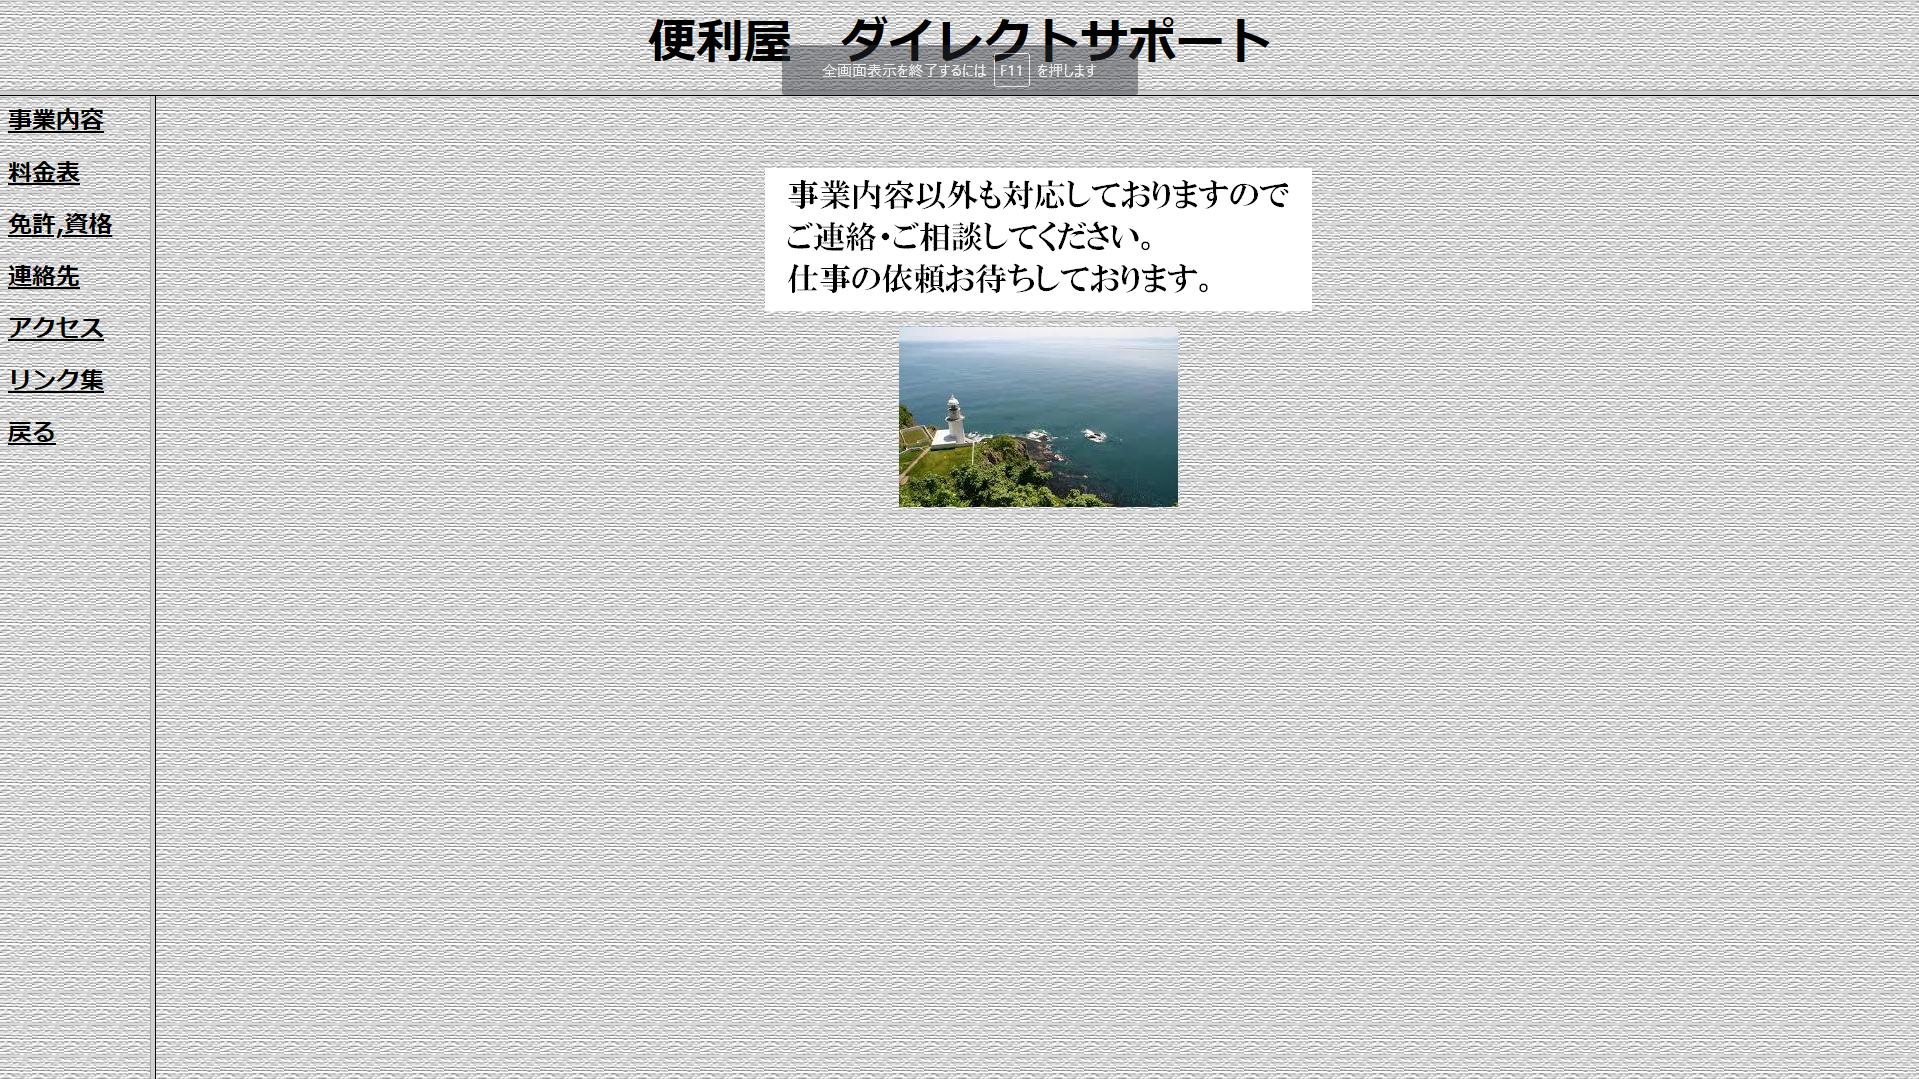 ダイレクトサポート(北海道室蘭市母恋北町)